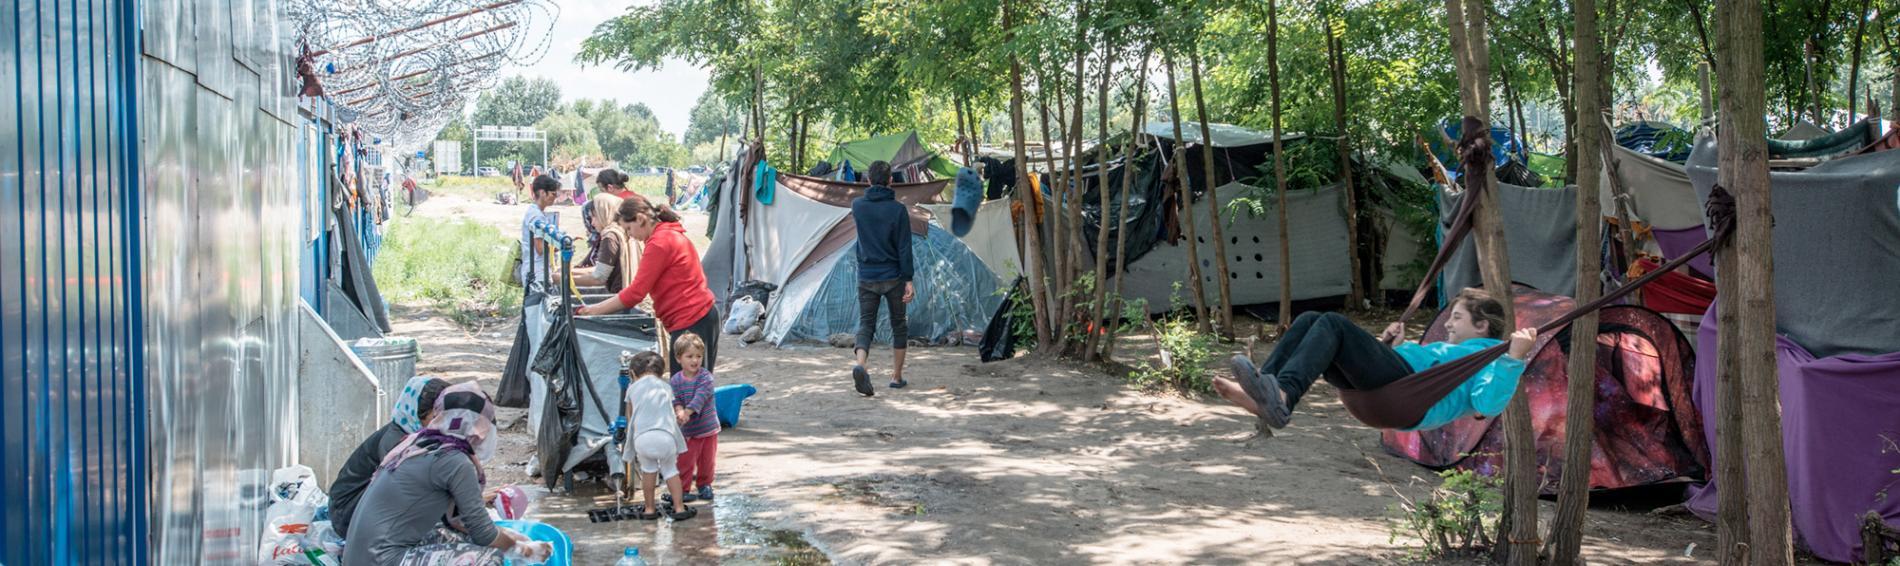 Familien haben an der ungarischen Grenze nur begrenzten Zugang zu Wasser. Foto: Guillaume Pinon